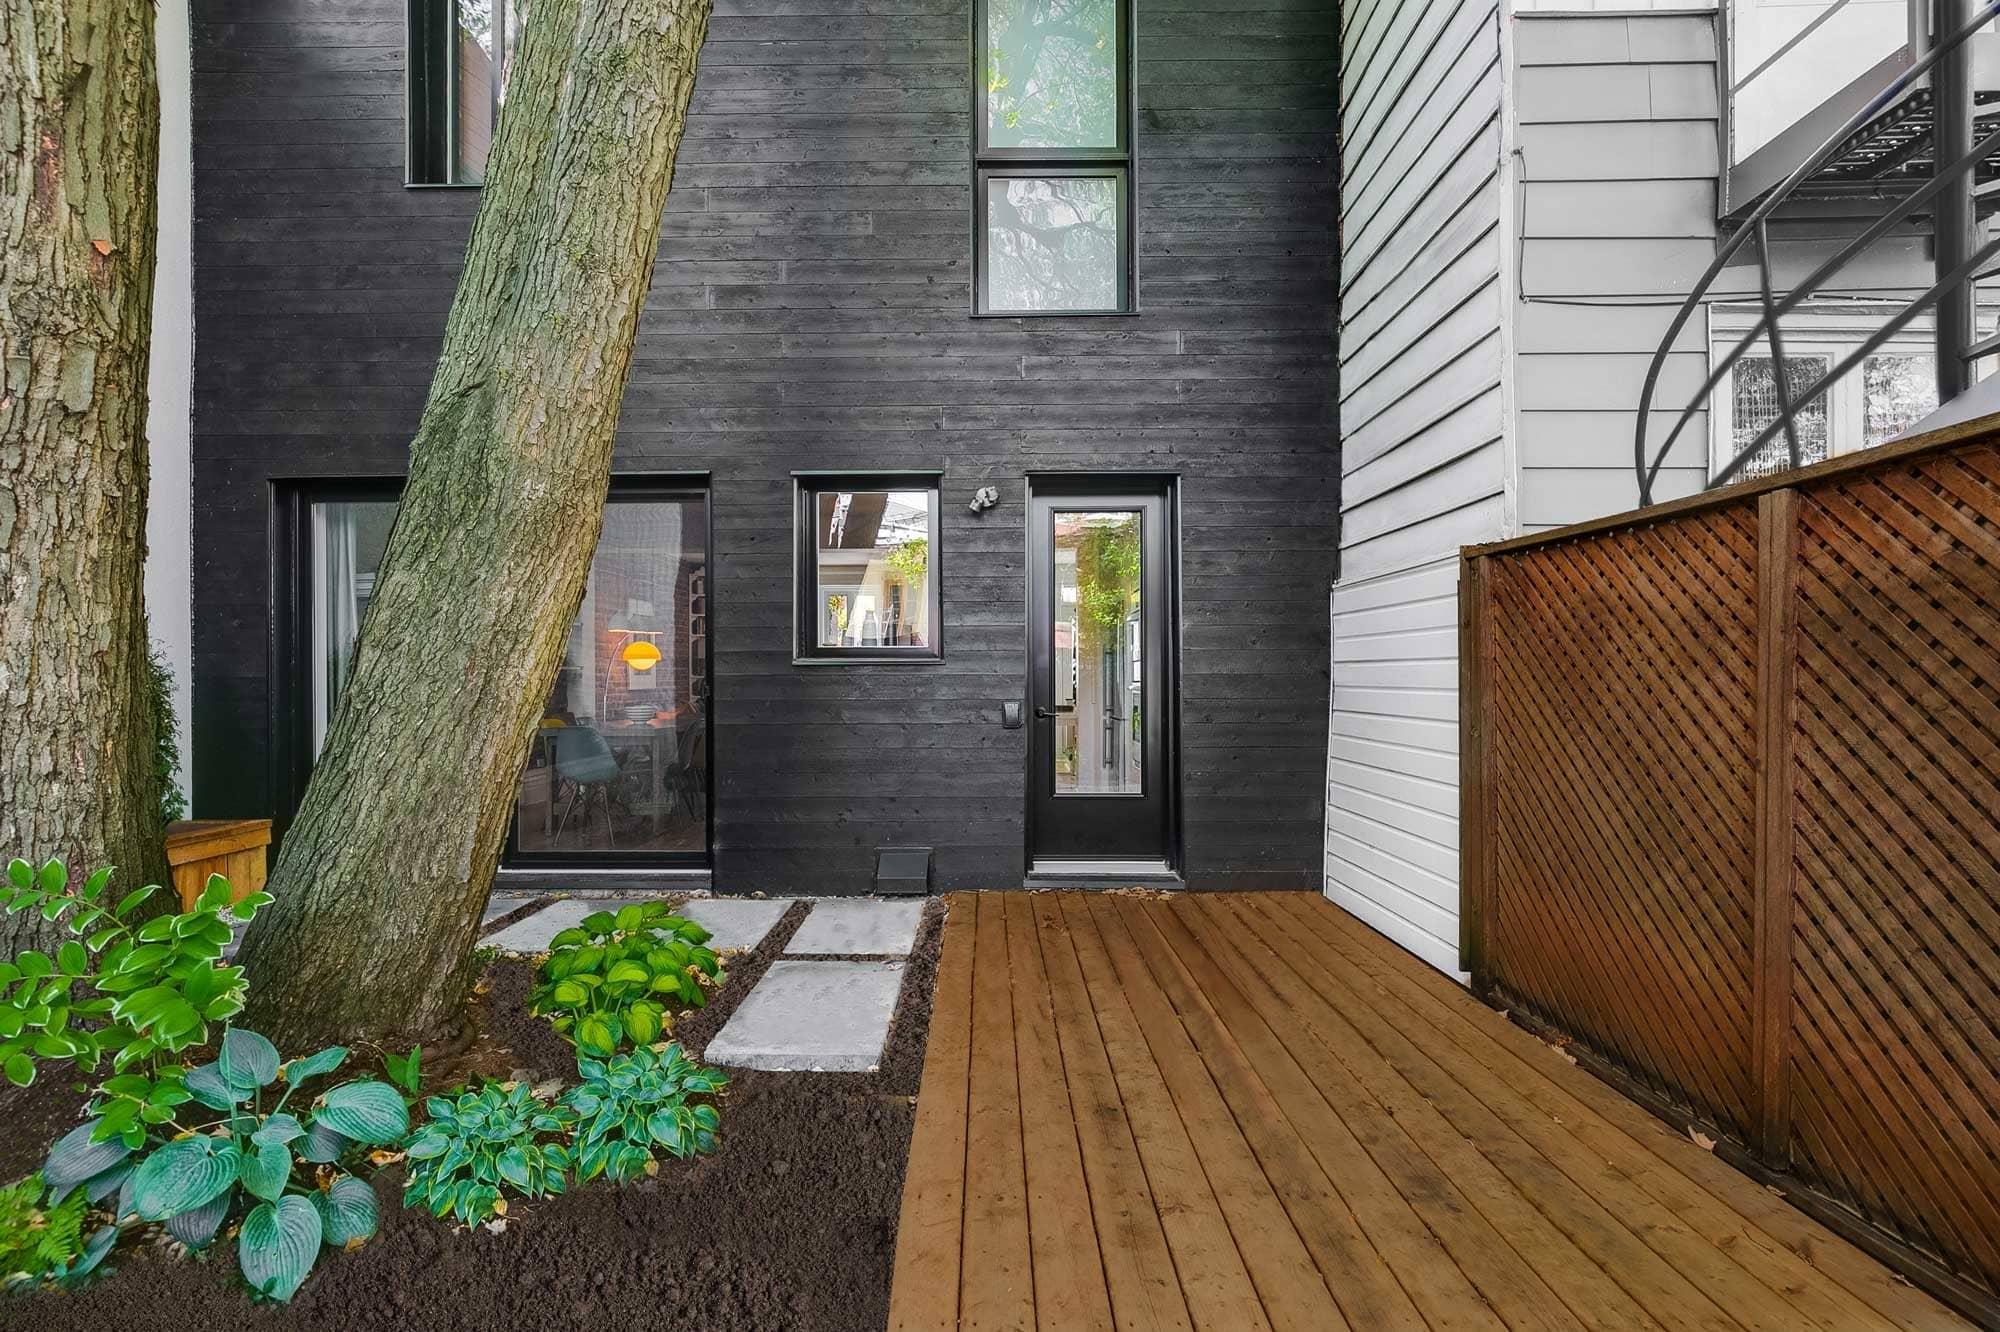 porte et fenêtre et aluminium noir avec revêtement extérieur en bois noir